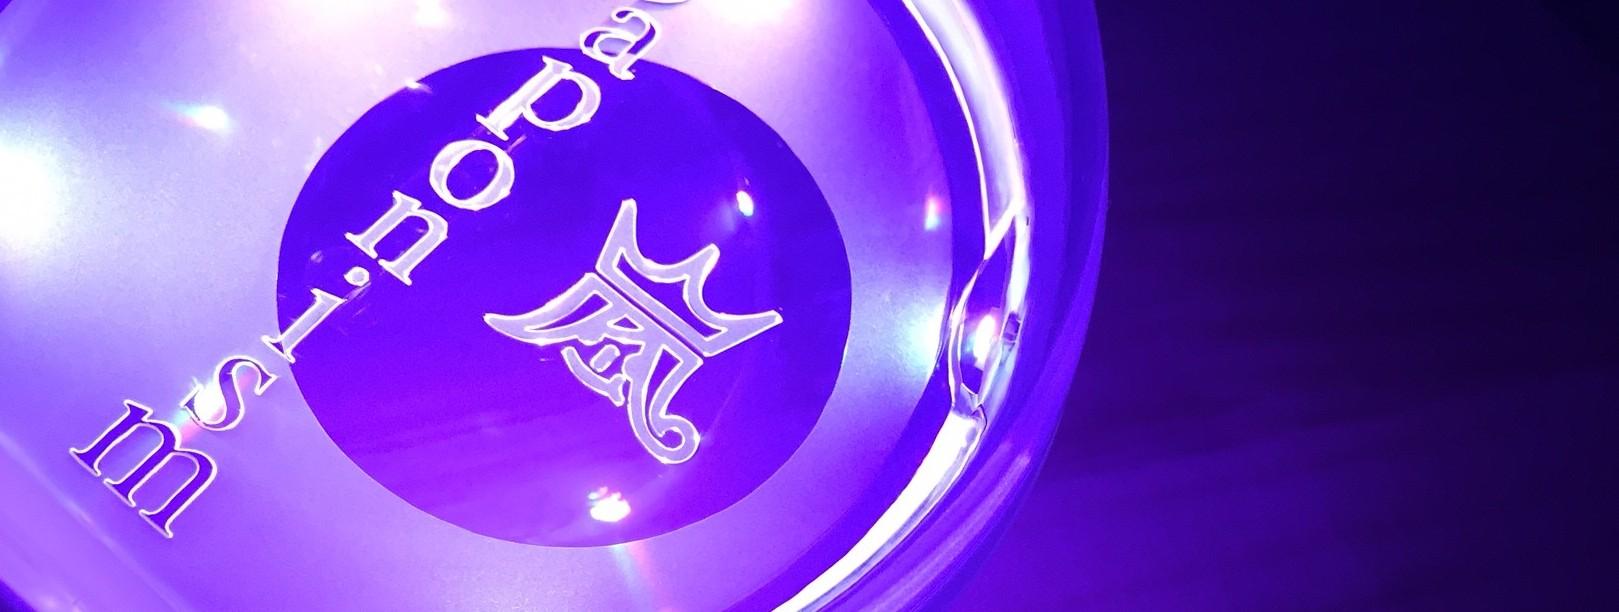 嵐 japonism ペンライト紫